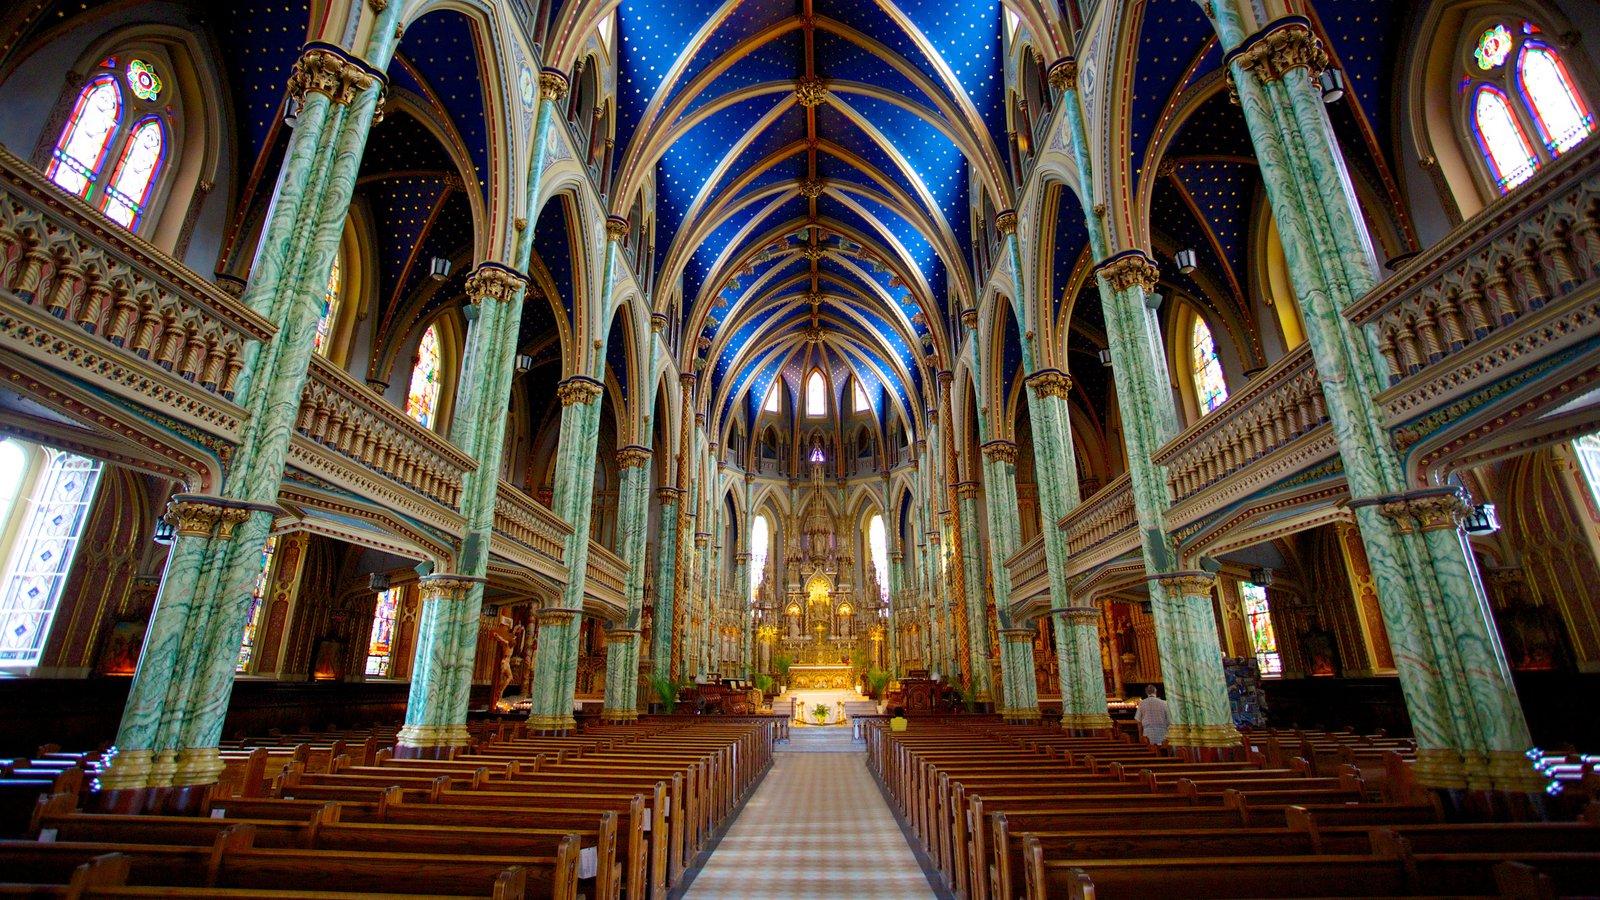 Notre-Dame Cathedral Basilica caracterizando arquitetura de patrimônio, vistas internas e uma igreja ou catedral